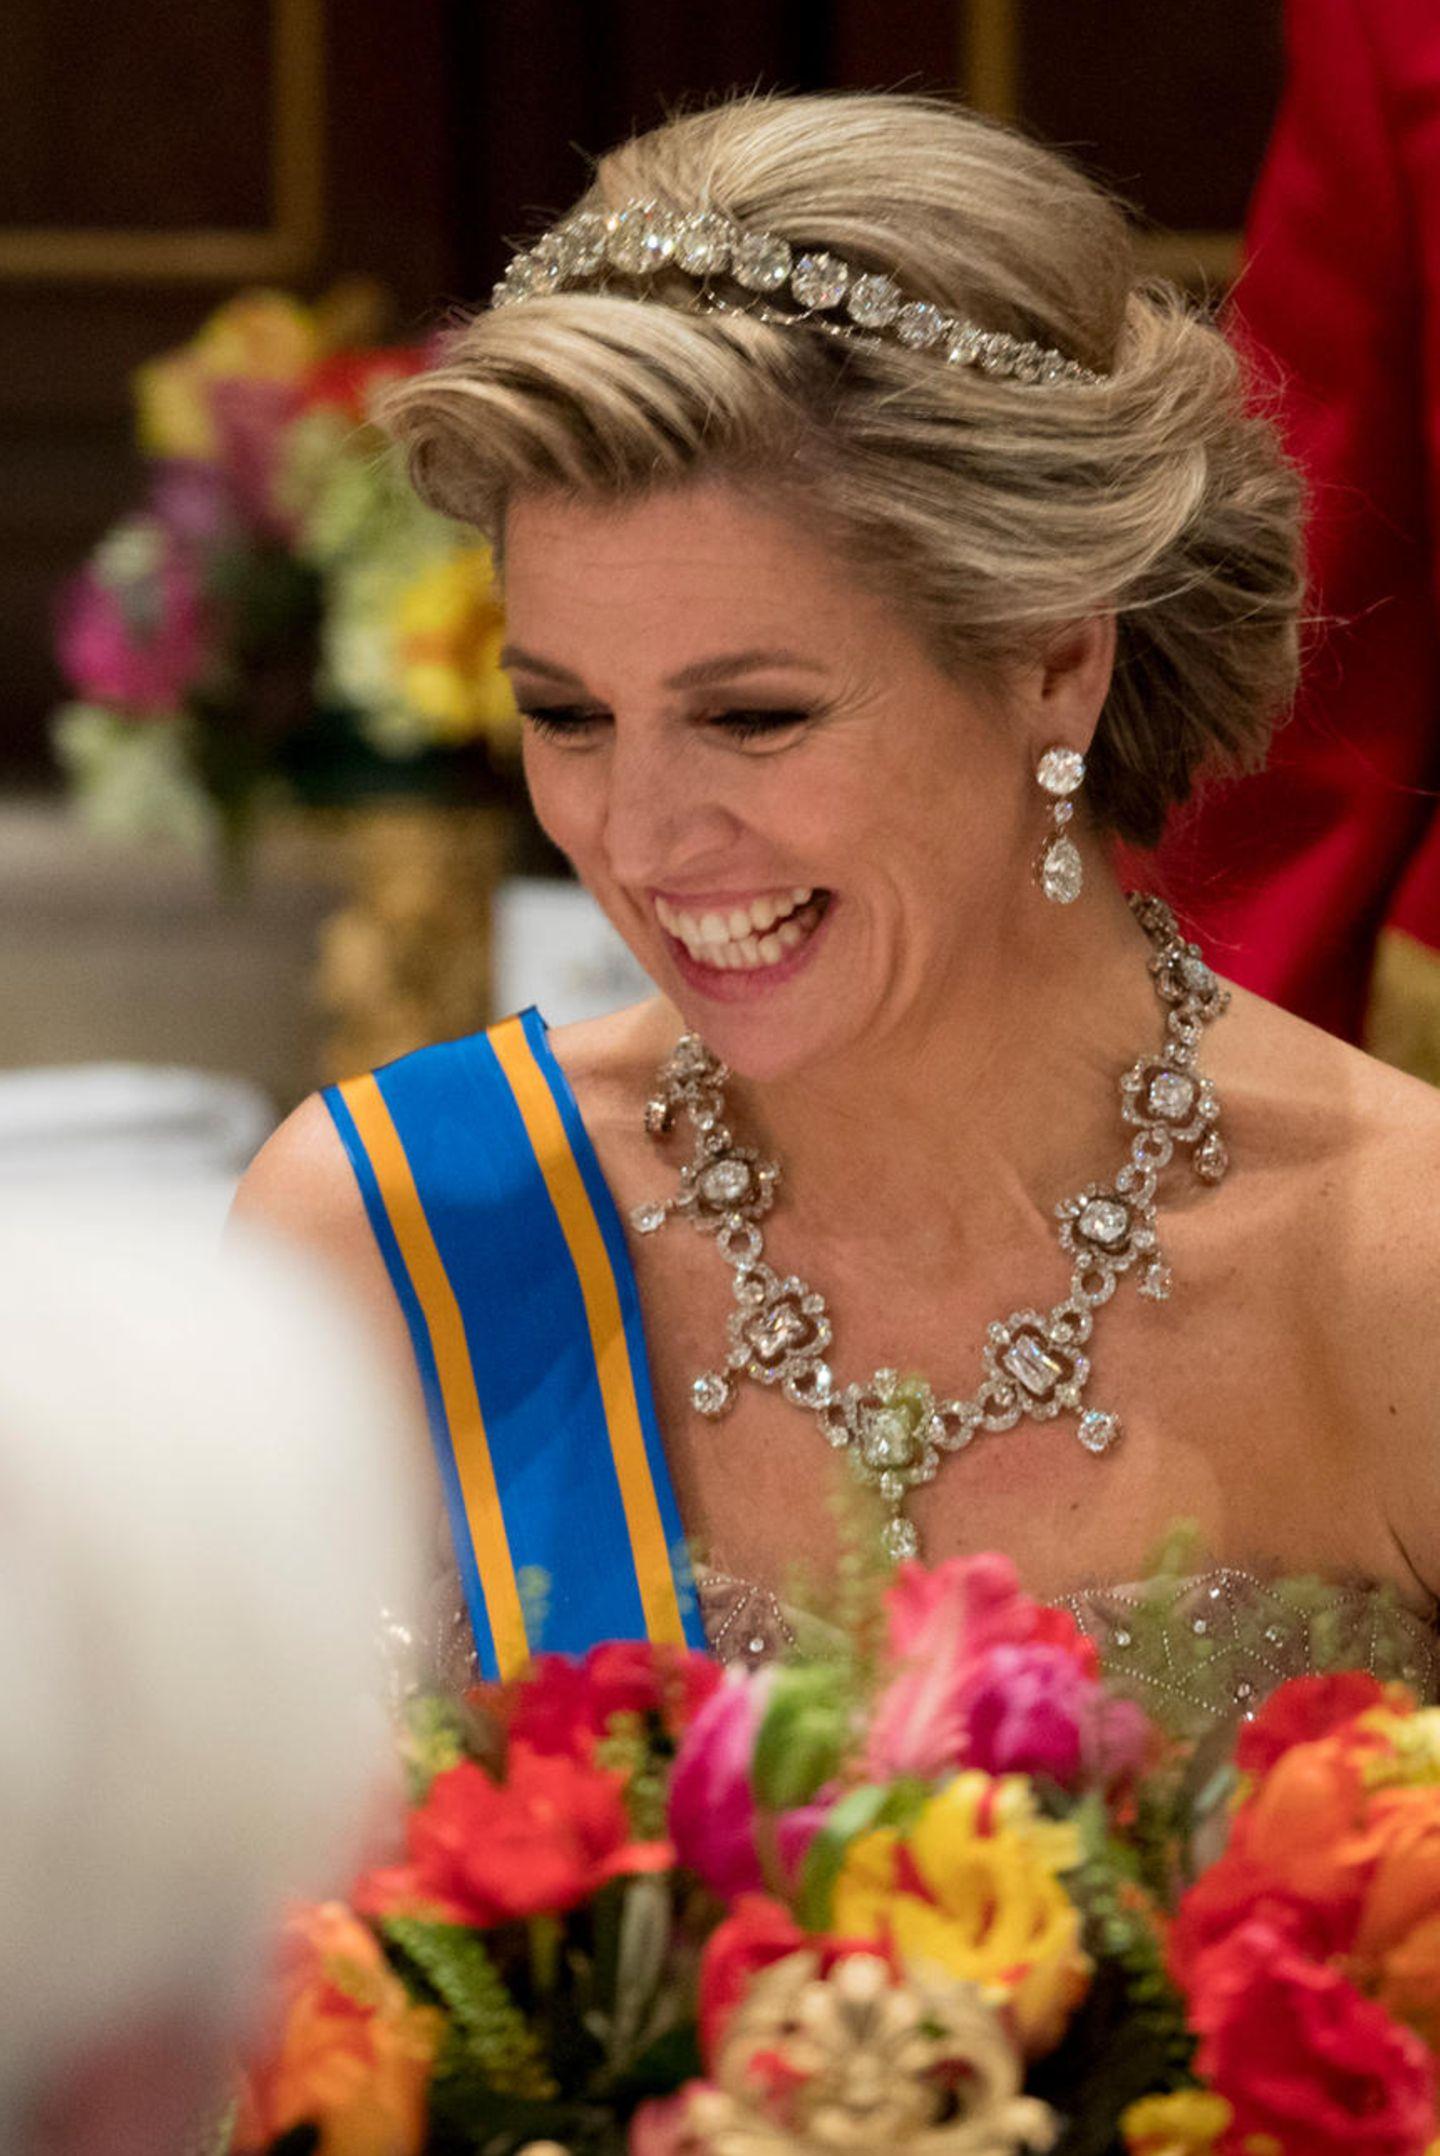 Bei dem Staatsbankett im königlichen Schloss richten sich Ende März alle Augen auf Königin Máxima, die mit ihrem funkelnden Schmuck nur so um die Wette strahlt. Ganz besonders fällt die hübsche Tiara auf, die ihrer Frisur den royalen Schliff gibt. Dabei war dieses Stück anfangs gar nicht als Diadem gedacht:  1879 erhält Königin Emma es in Form einer Kette. Erst ihre Tochter, Königin Wilhelmina, lässt es in den 30er-Jahren umgestalten. Seither ist es eines der Prachtstücke der Schmuckkollektion des niederländischen Königshauses.  In Kombination mit dem Collier erreichen die Karatzahlen beachtliche Höhe: Man kannte es vor allem von Königin Juliana, der Mutter von Máximas Schwiegermutter Beatrix. Es schlummerte also sehr lang in der königlichen Schatzkammer, ehe es an Máximas Hals ein Comeback feierte.